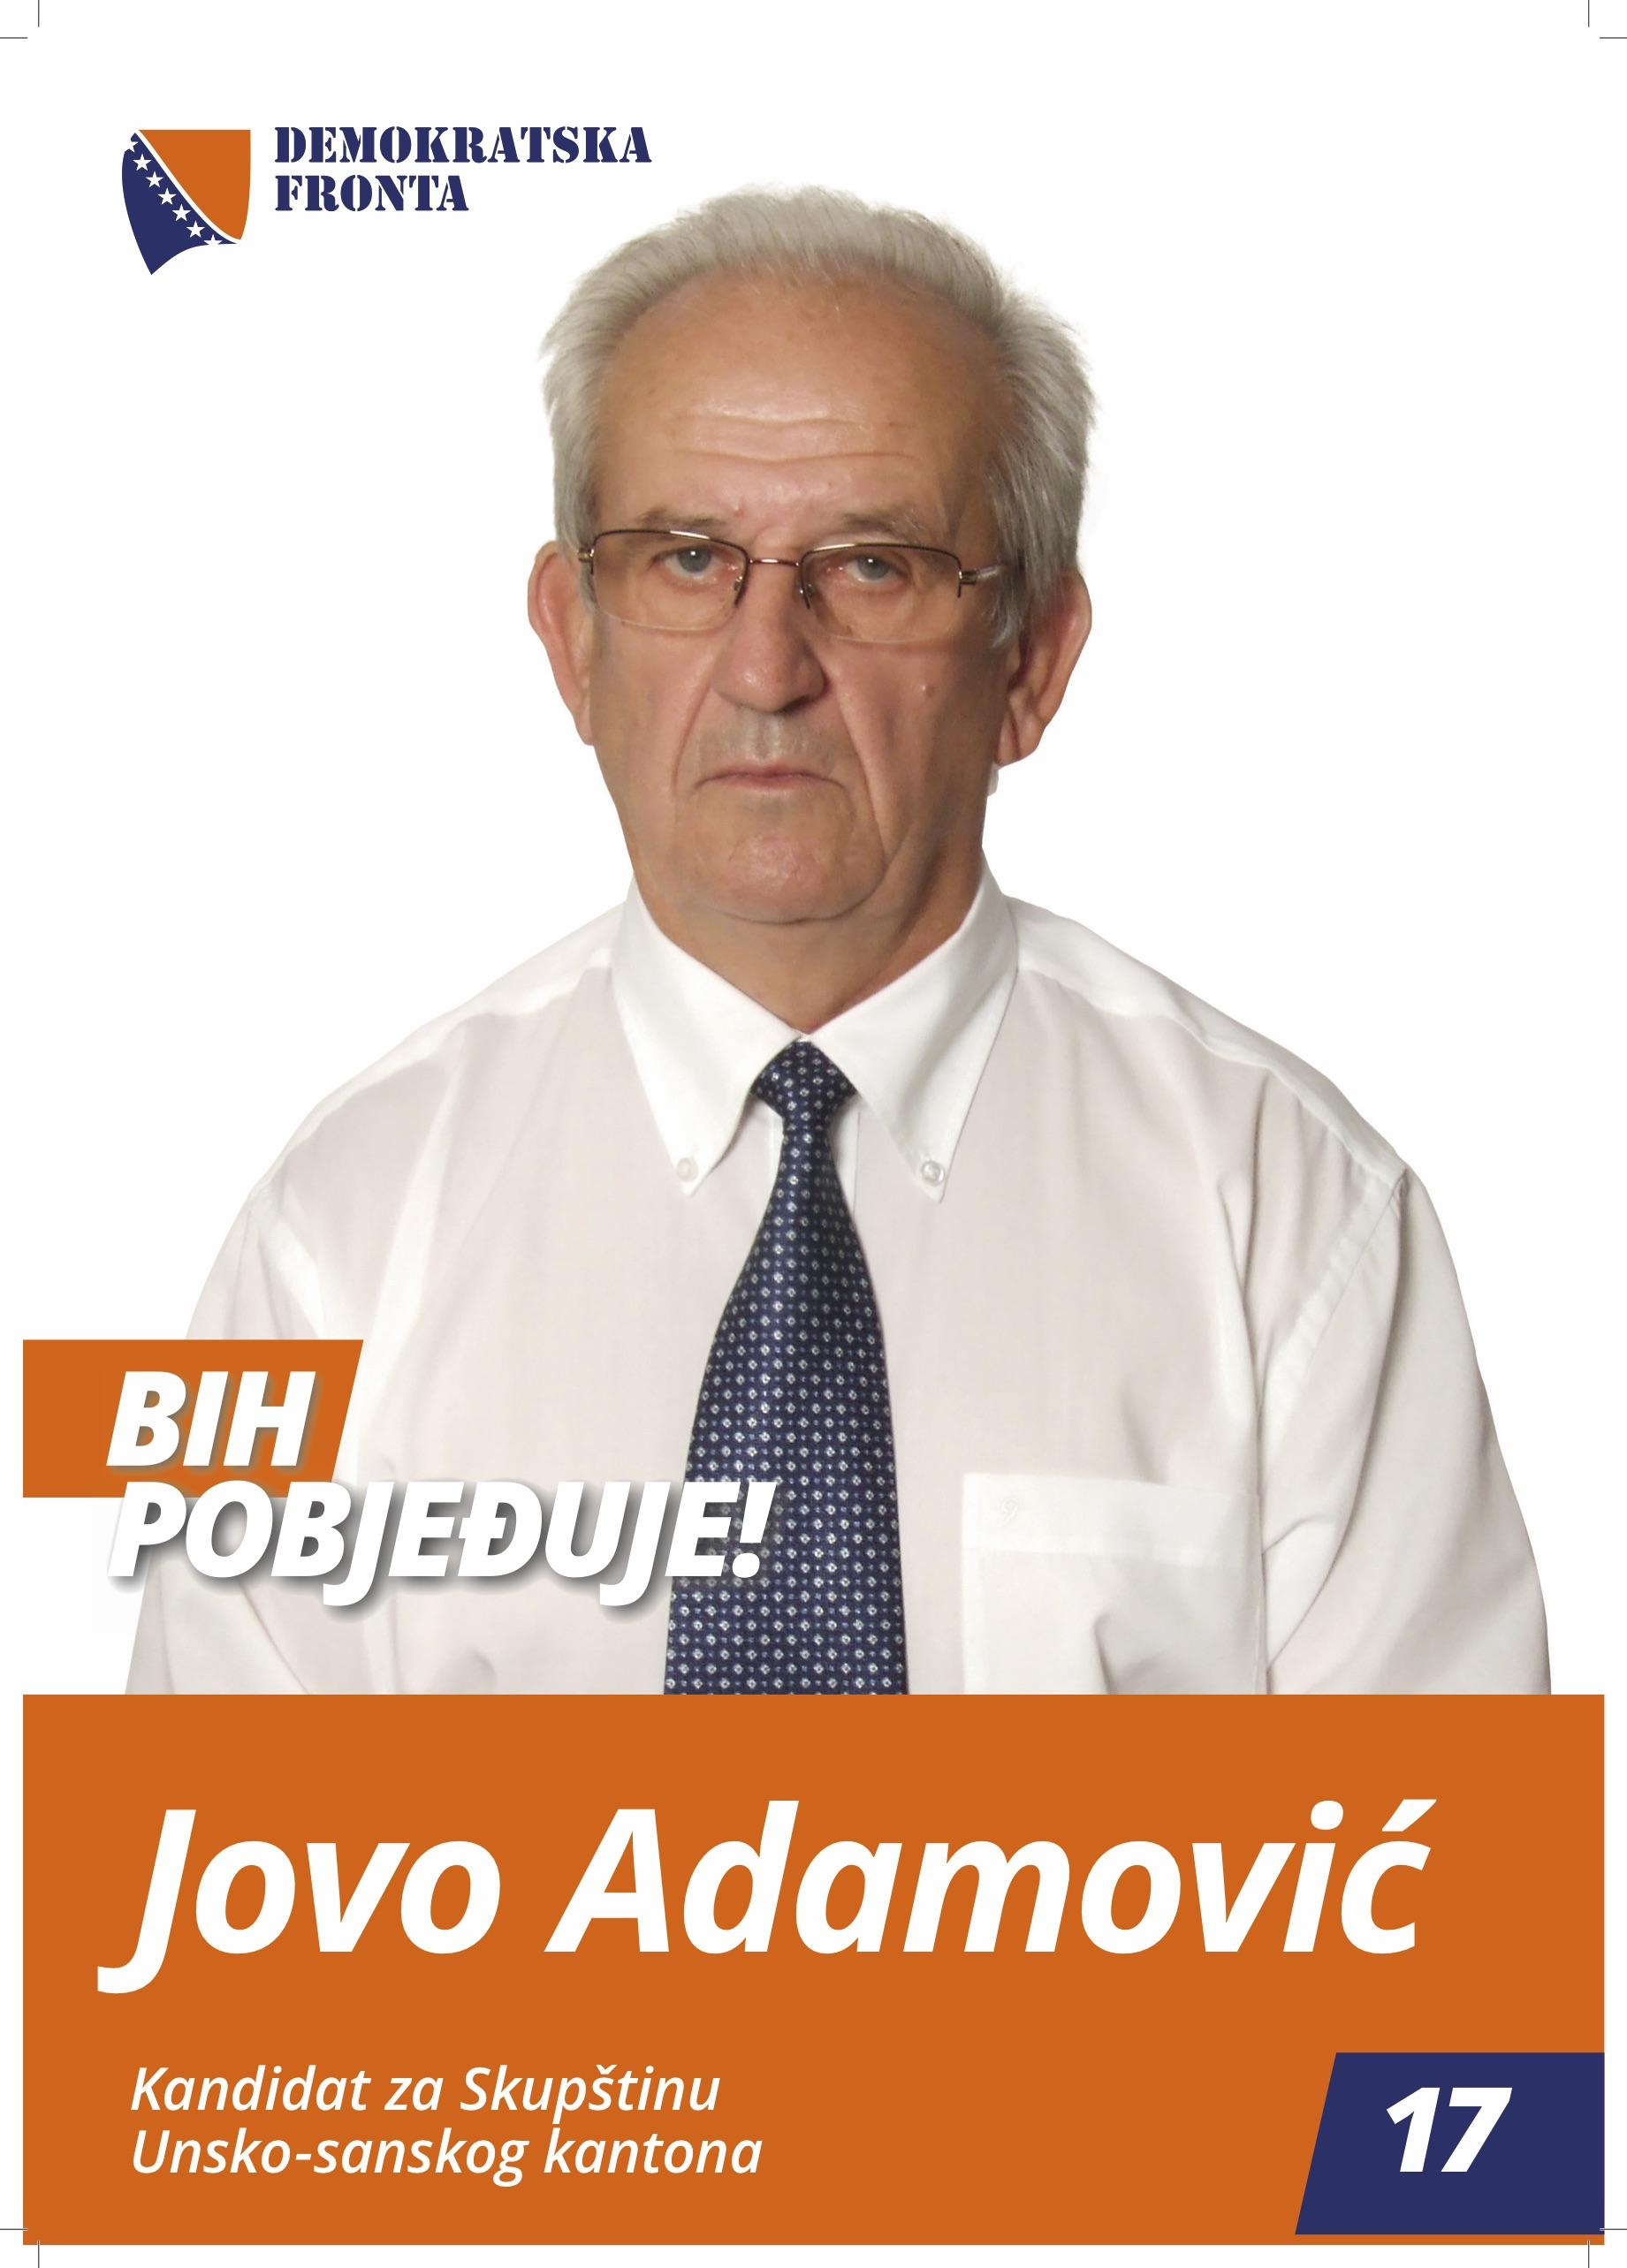 Jovo Ademović, inžinjer mašinstva